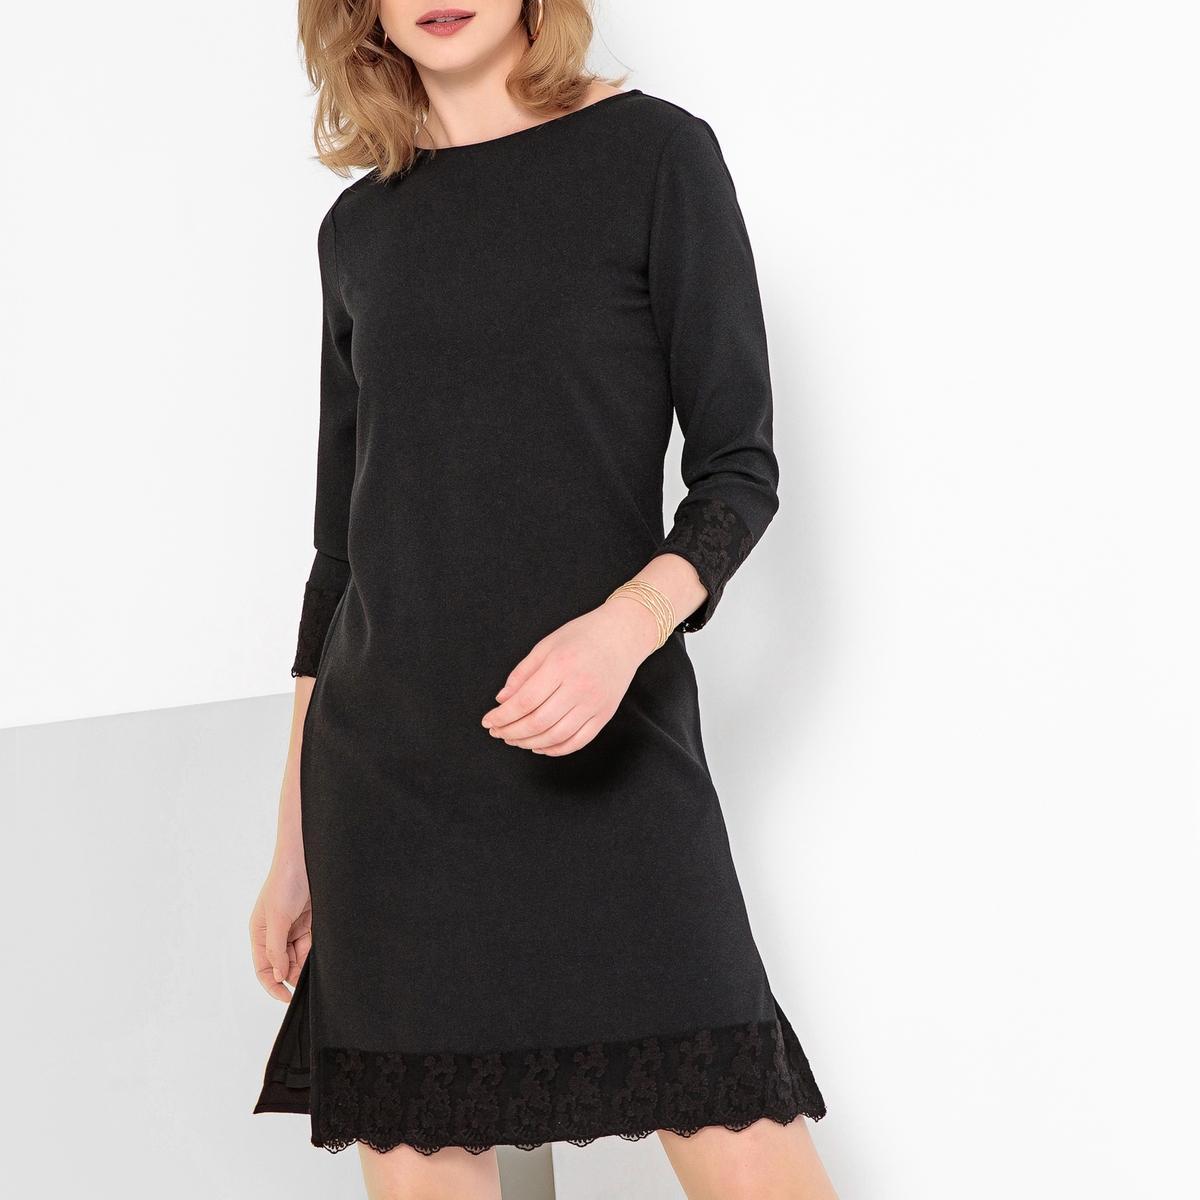 Imagen secundaria de producto de Vestido recto, semilargo, de encaje - Anne weyburn